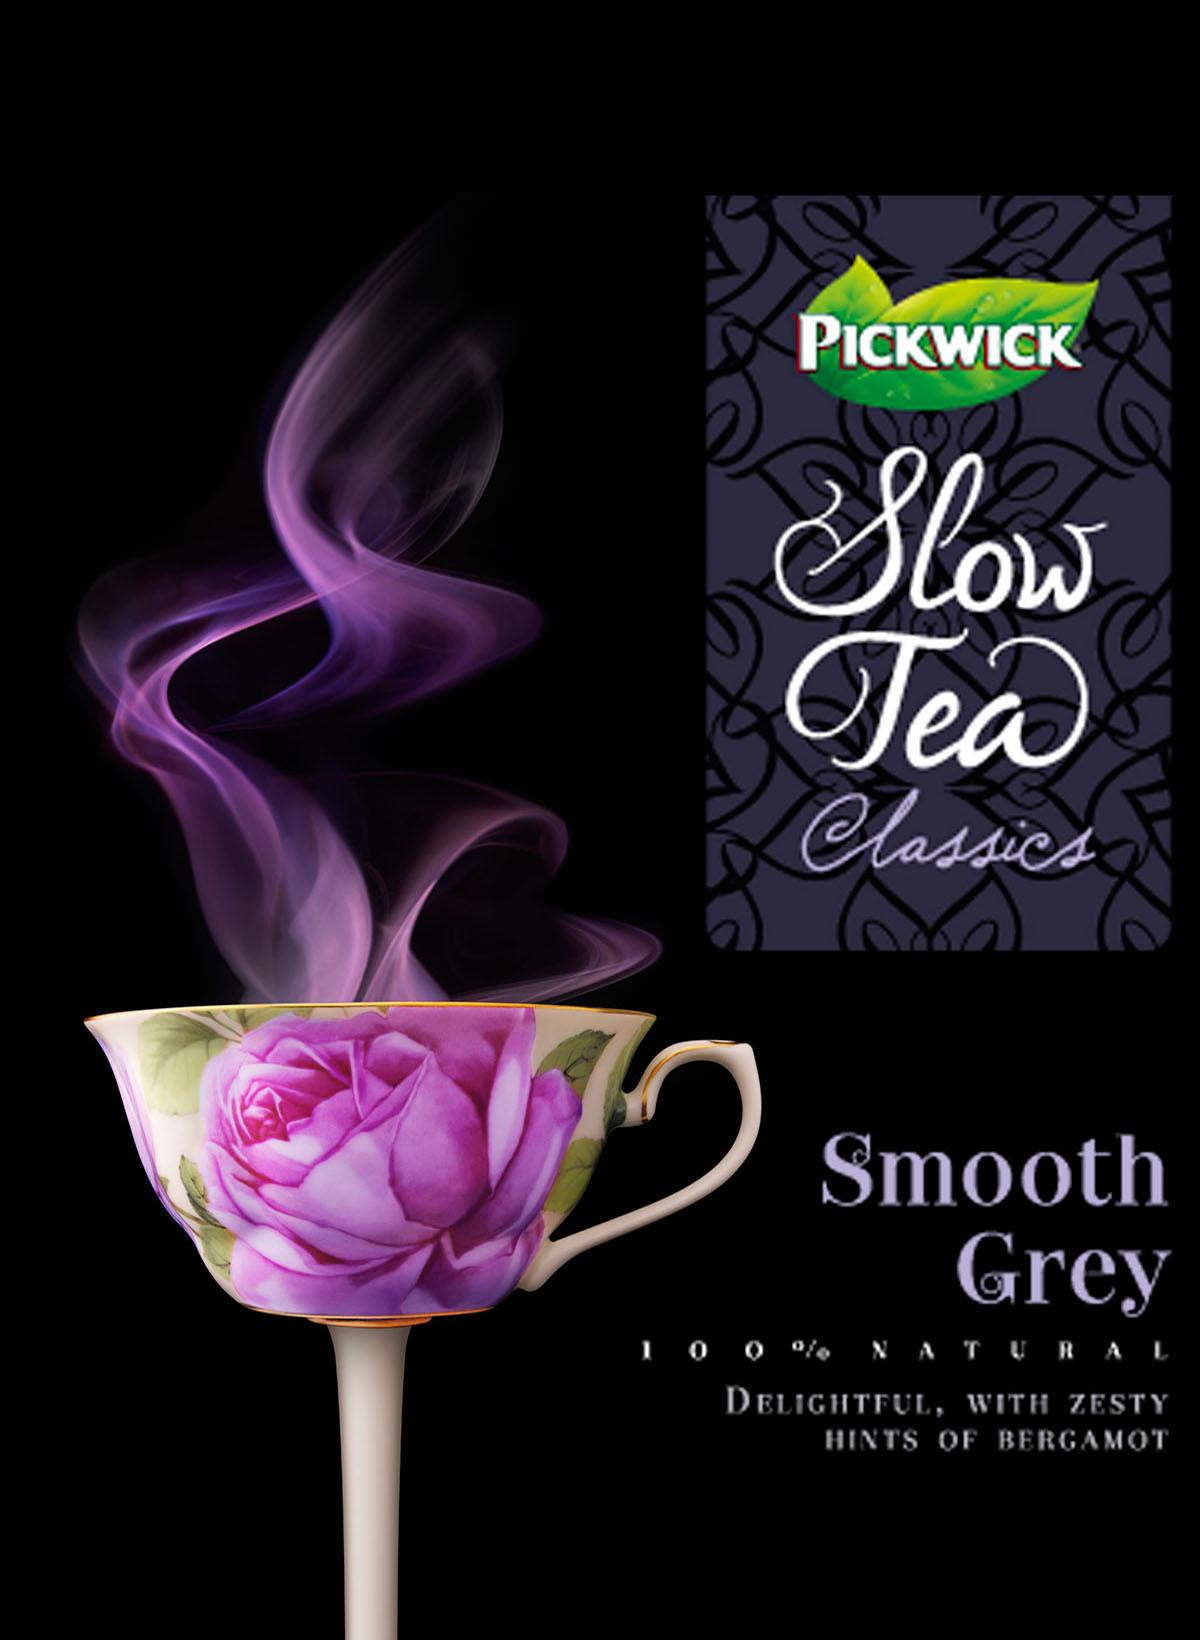 Packaging fotografie van Pickwick Slow Tea's Smooth Grey gemaakt door Studio_m Fotografie Amsterdam